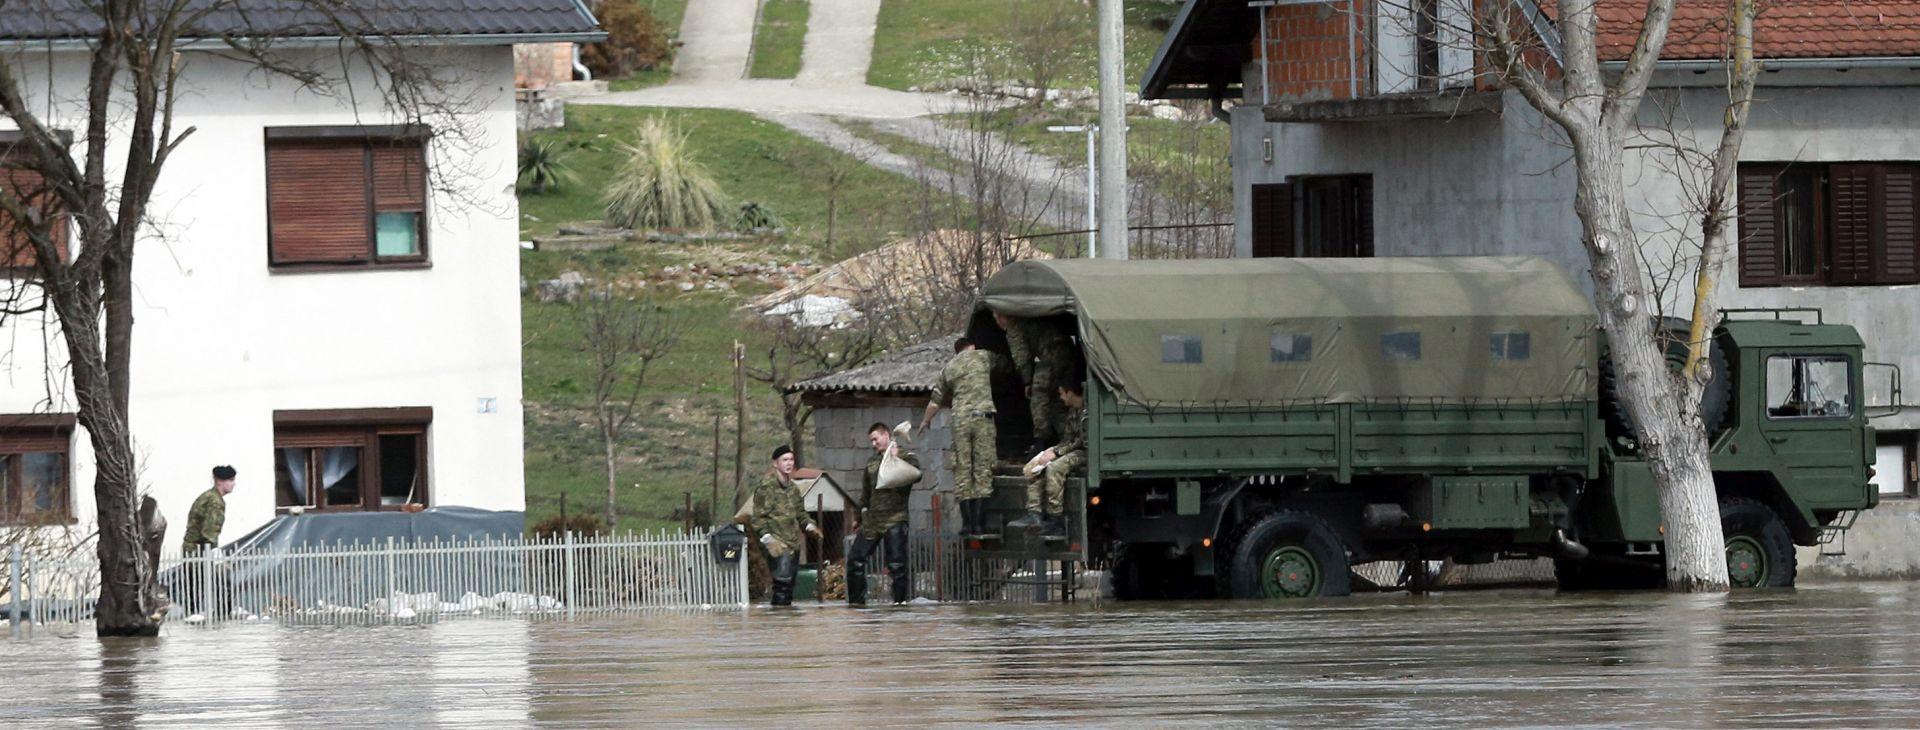 Crveni križ i vojska pomažu odsječenom stanovništvu, otvoren žiro račun